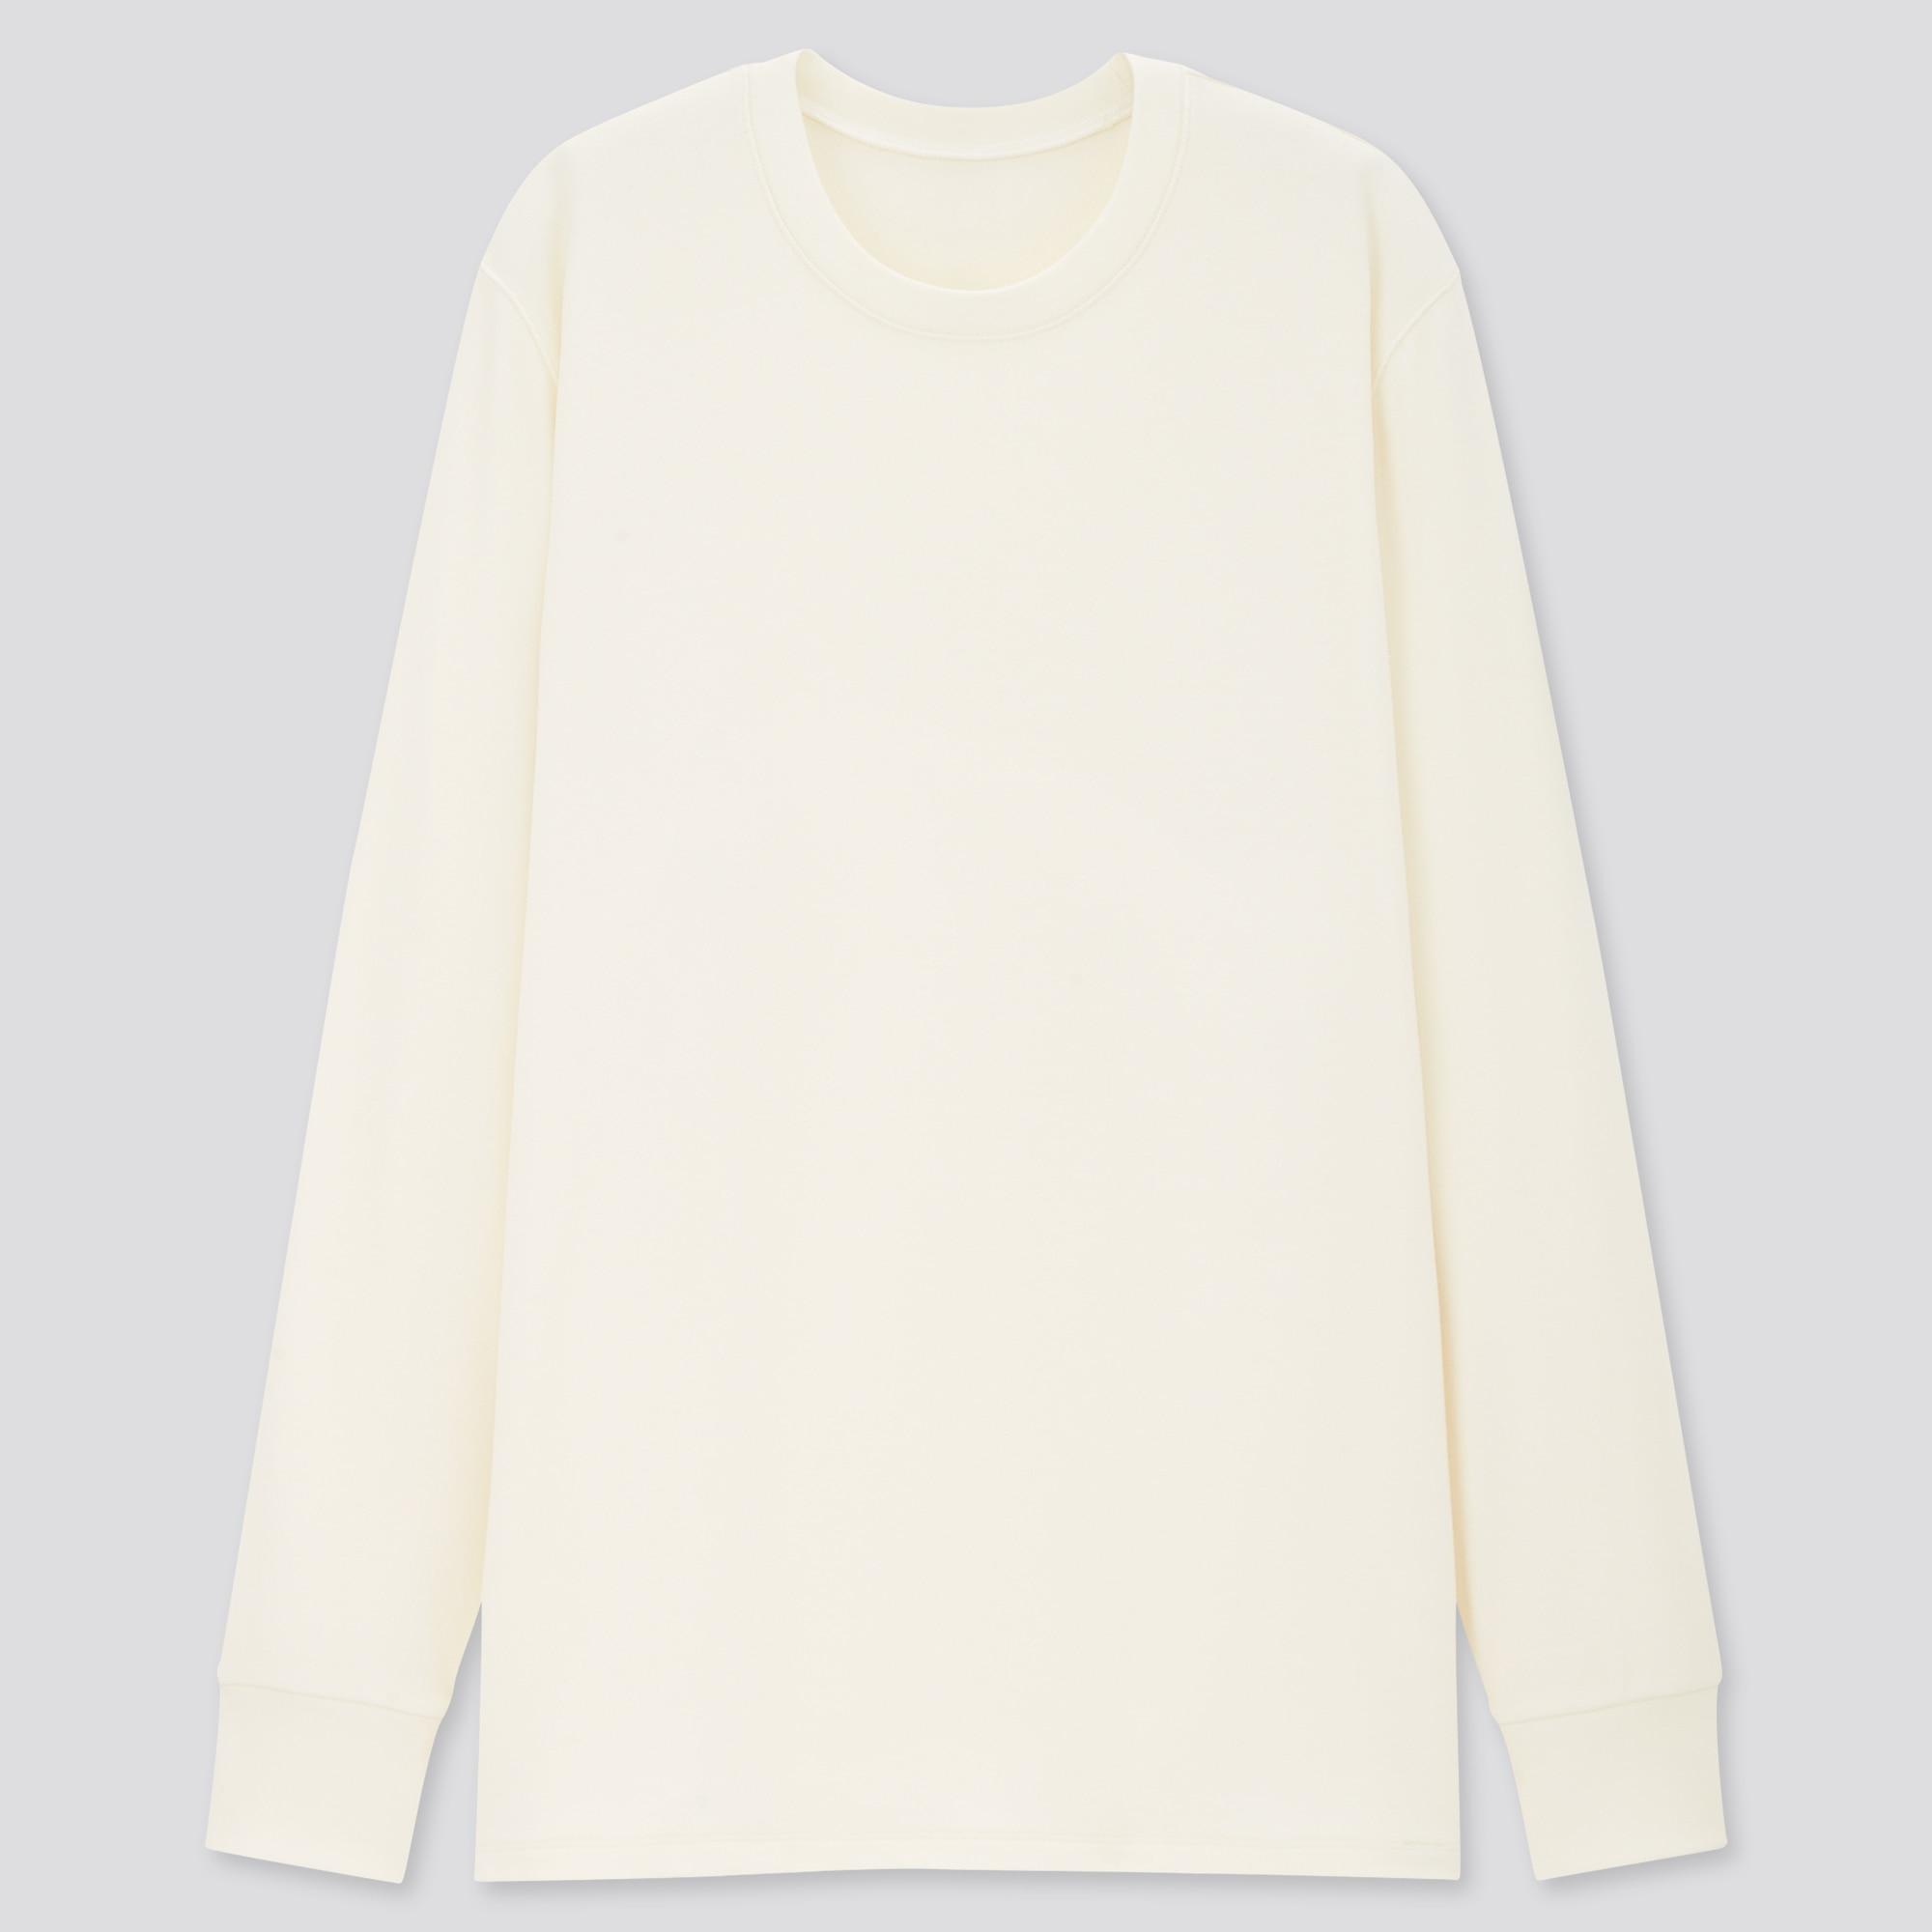 men HEATTECH ultra warm long-sleeve t-shirt